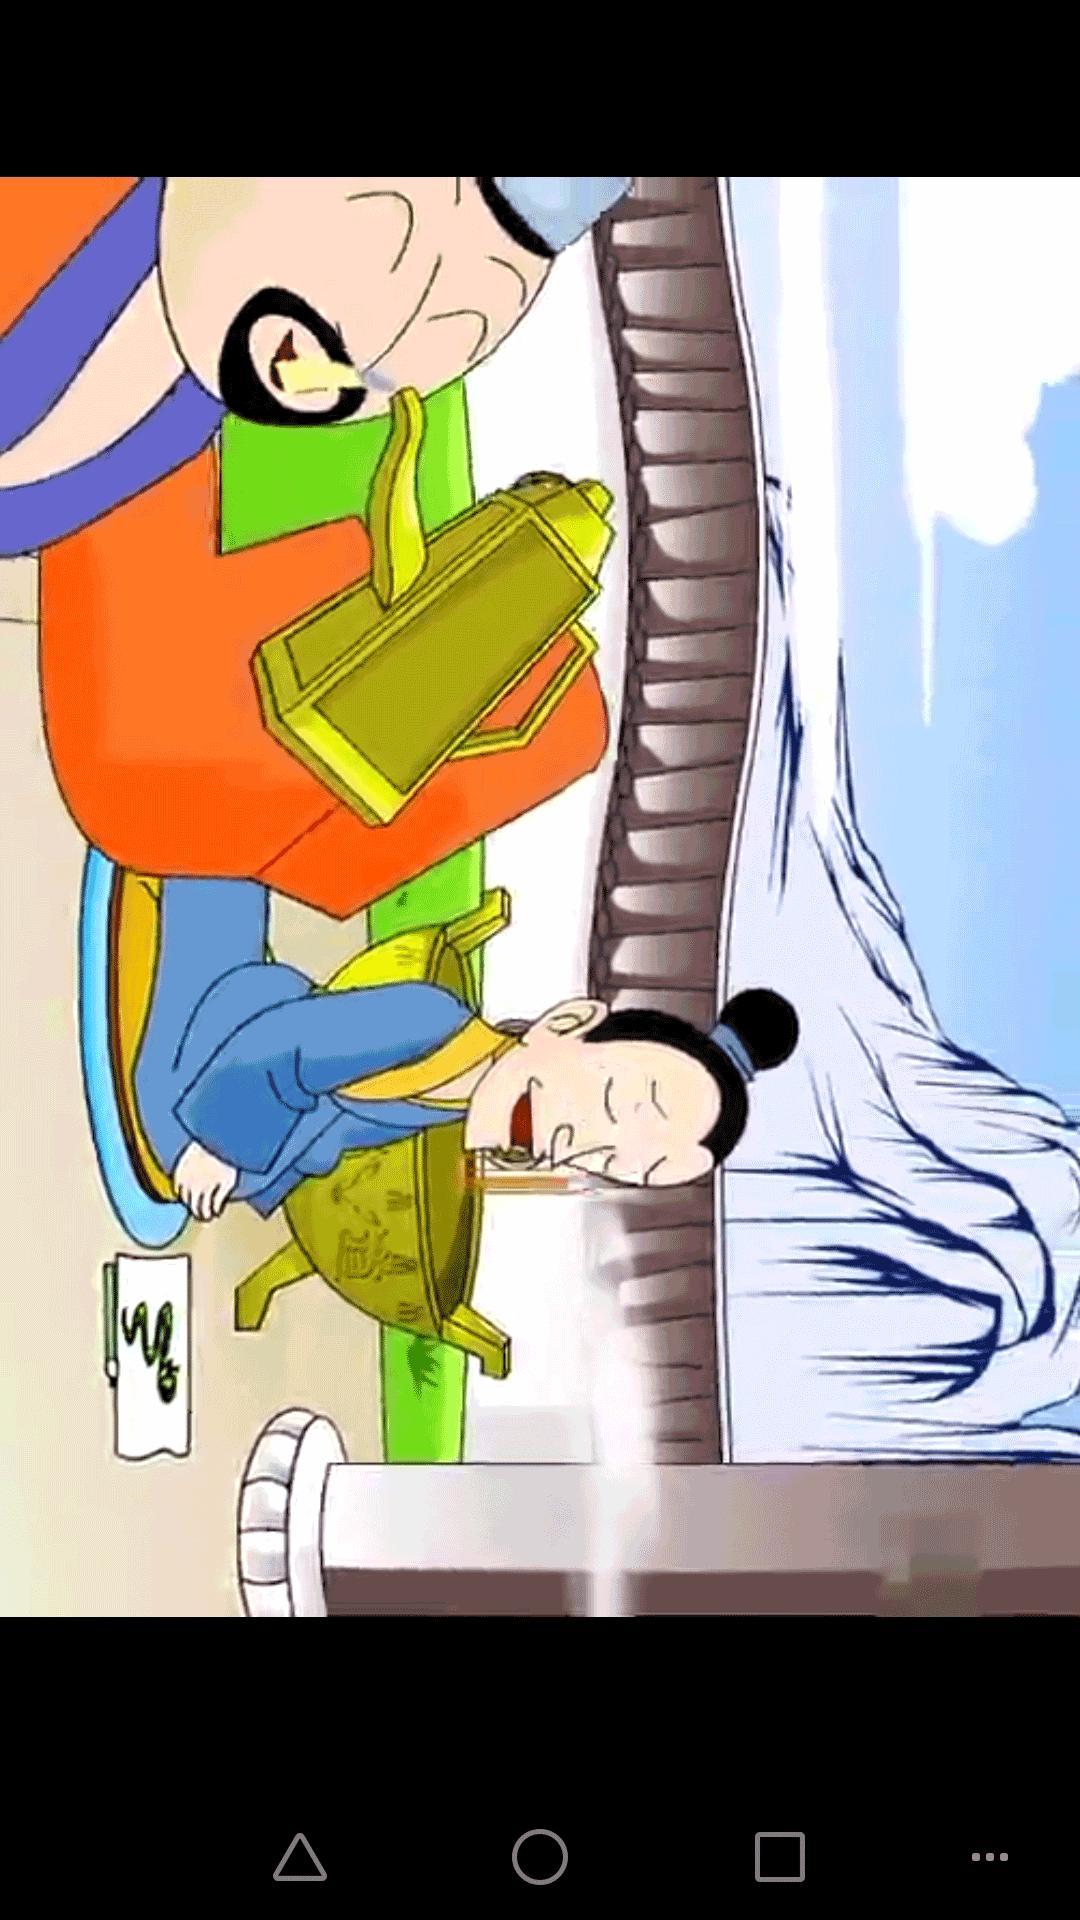 幼儿成语视频V1.0 安卓版